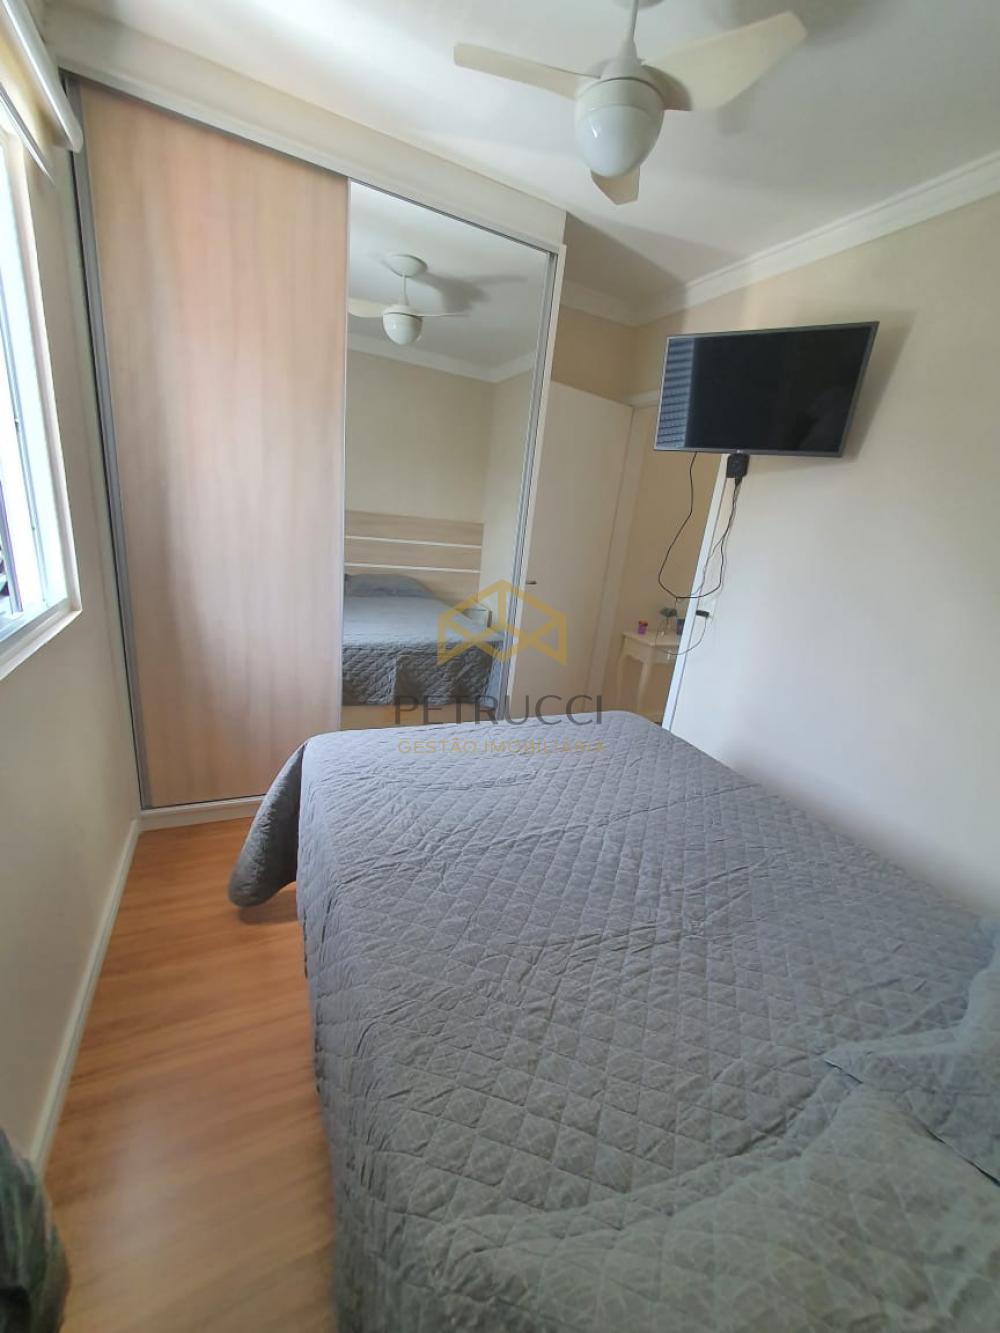 Comprar Casa / Sobrado em Condomínio em Valinhos R$ 685.000,00 - Foto 11